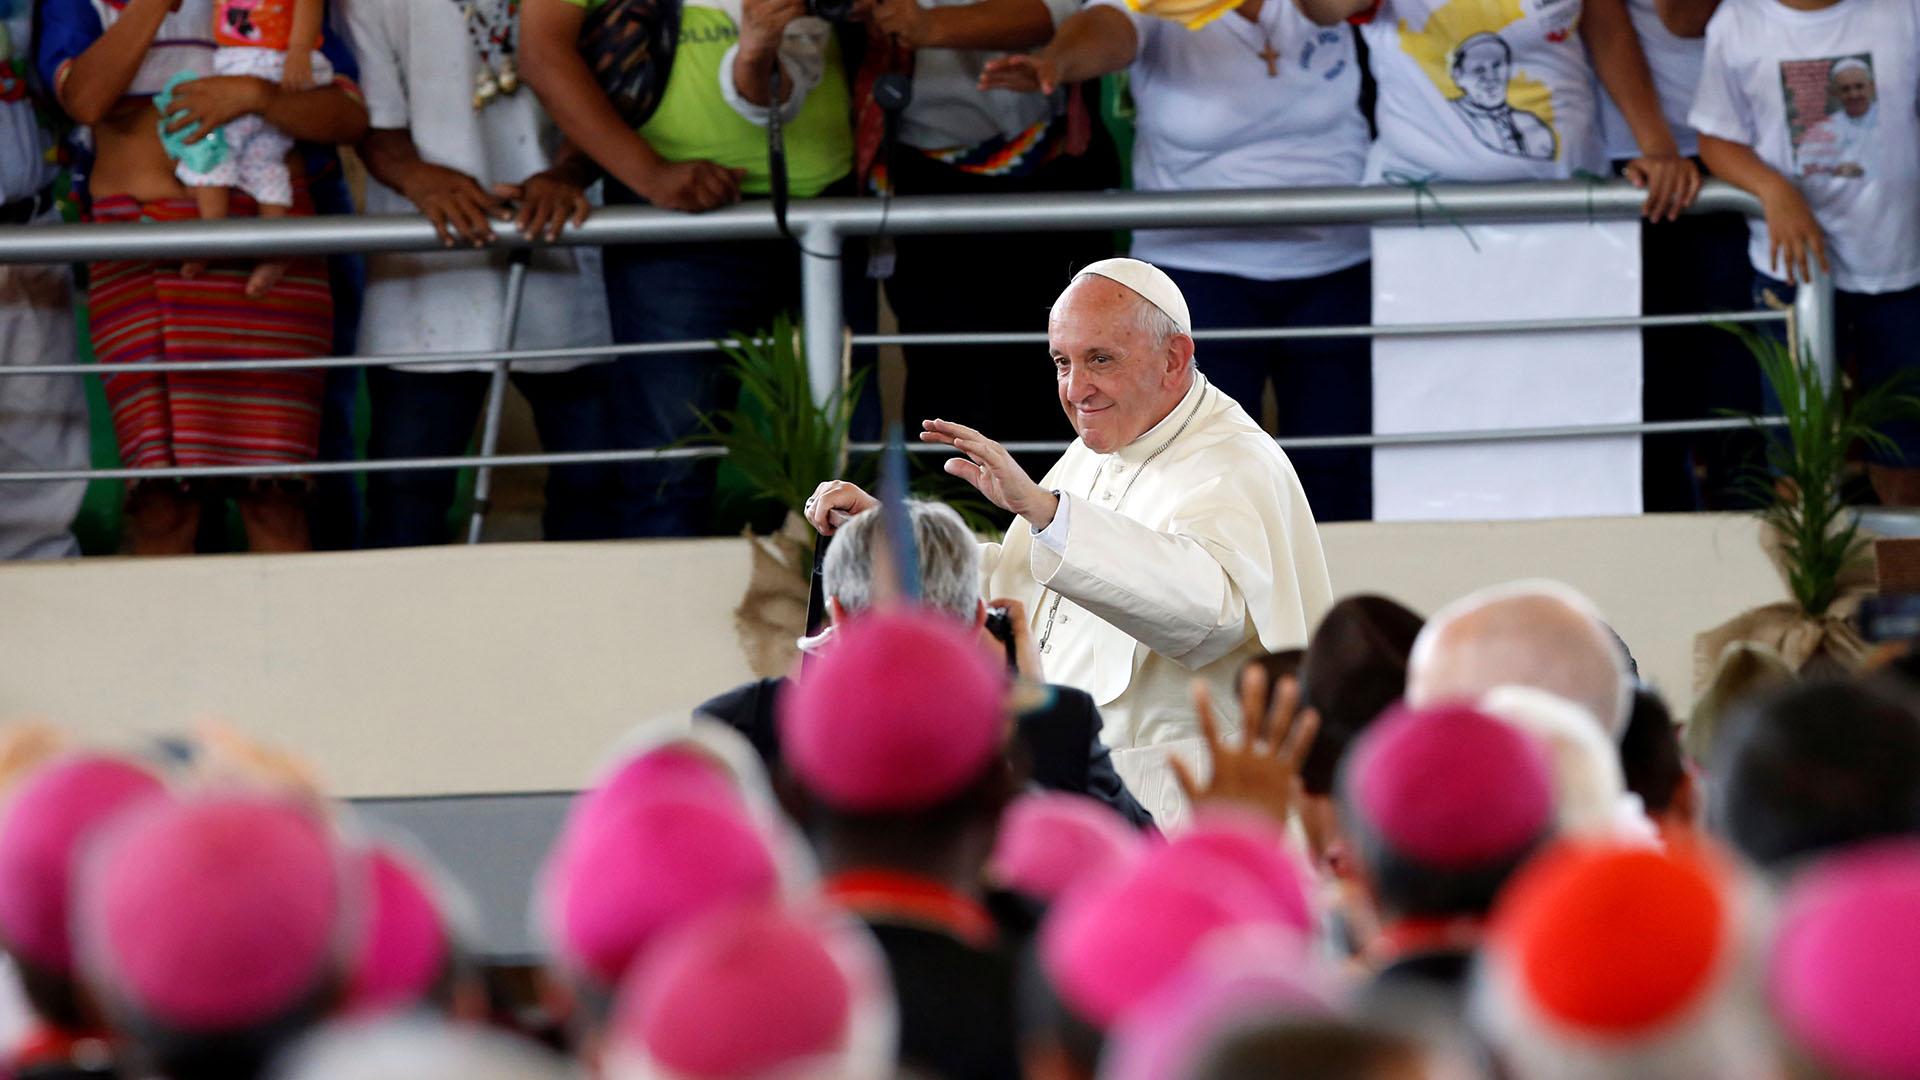 El arribo del Papa al recinto donde se realizó el encuentro con los pueblos originarios, el coliseo Madre de Dios